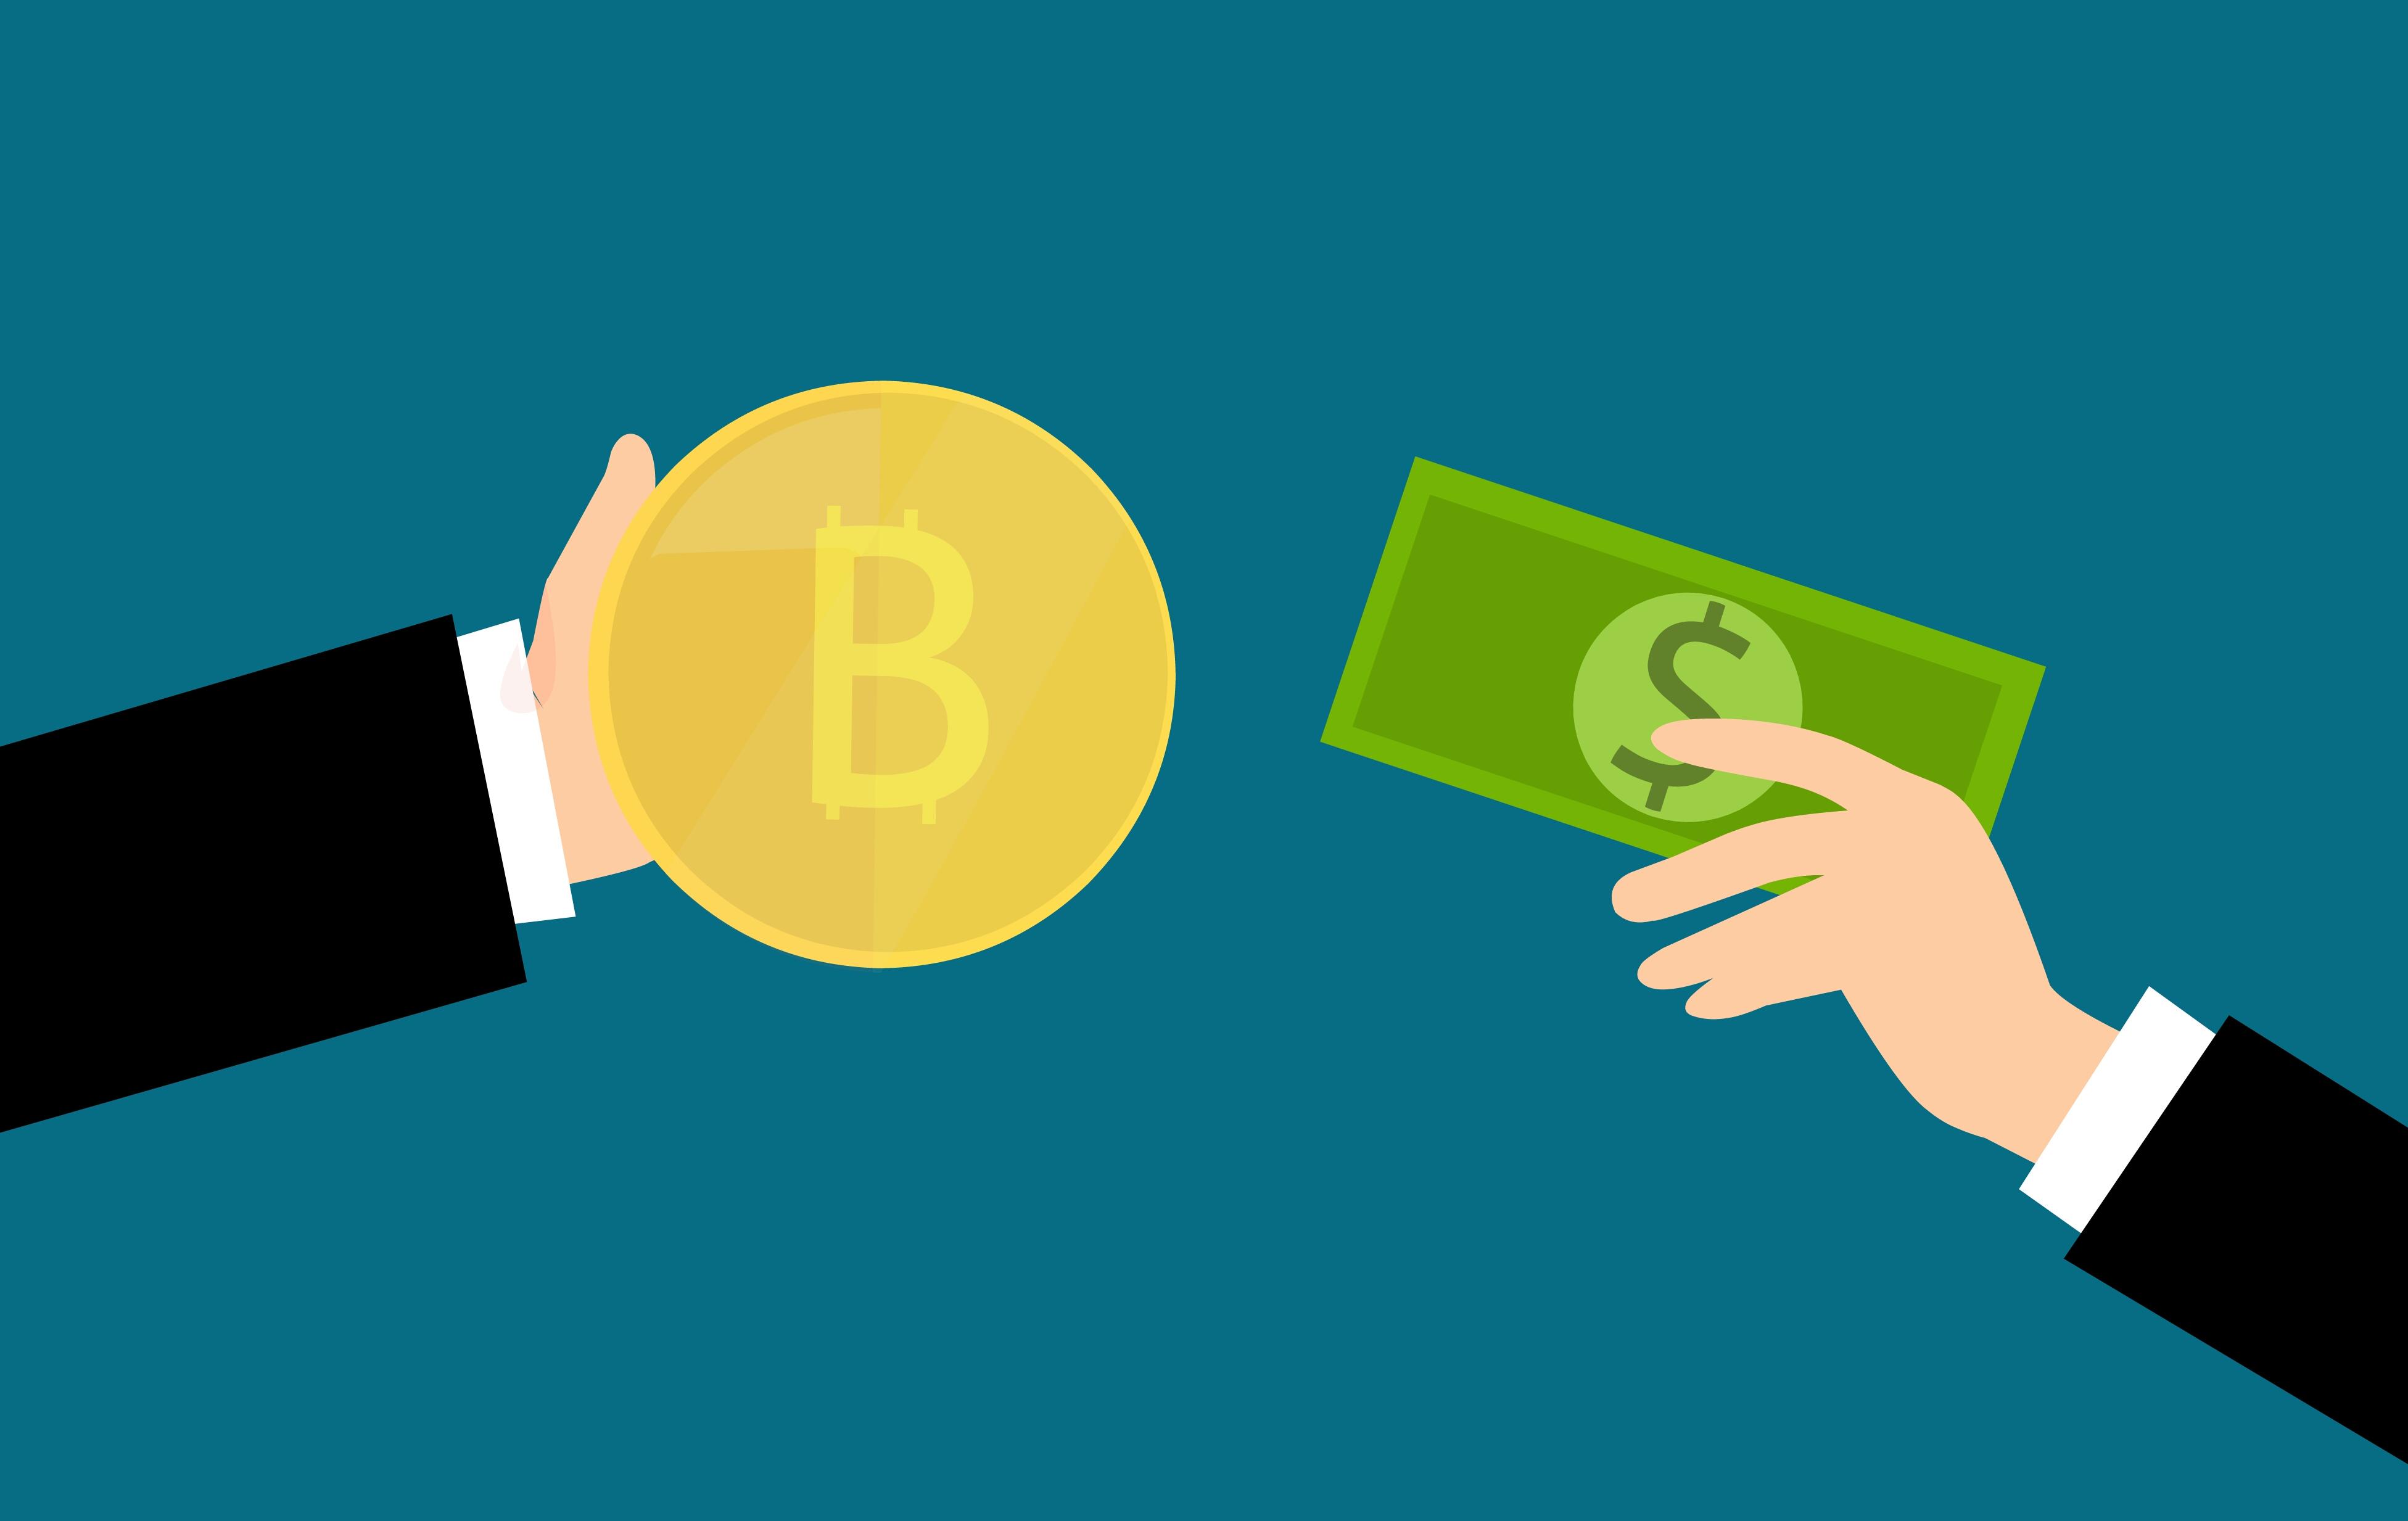 carreiras blockchain-bitcoin-bank-business-cash-coin-1444947-pxhere.com